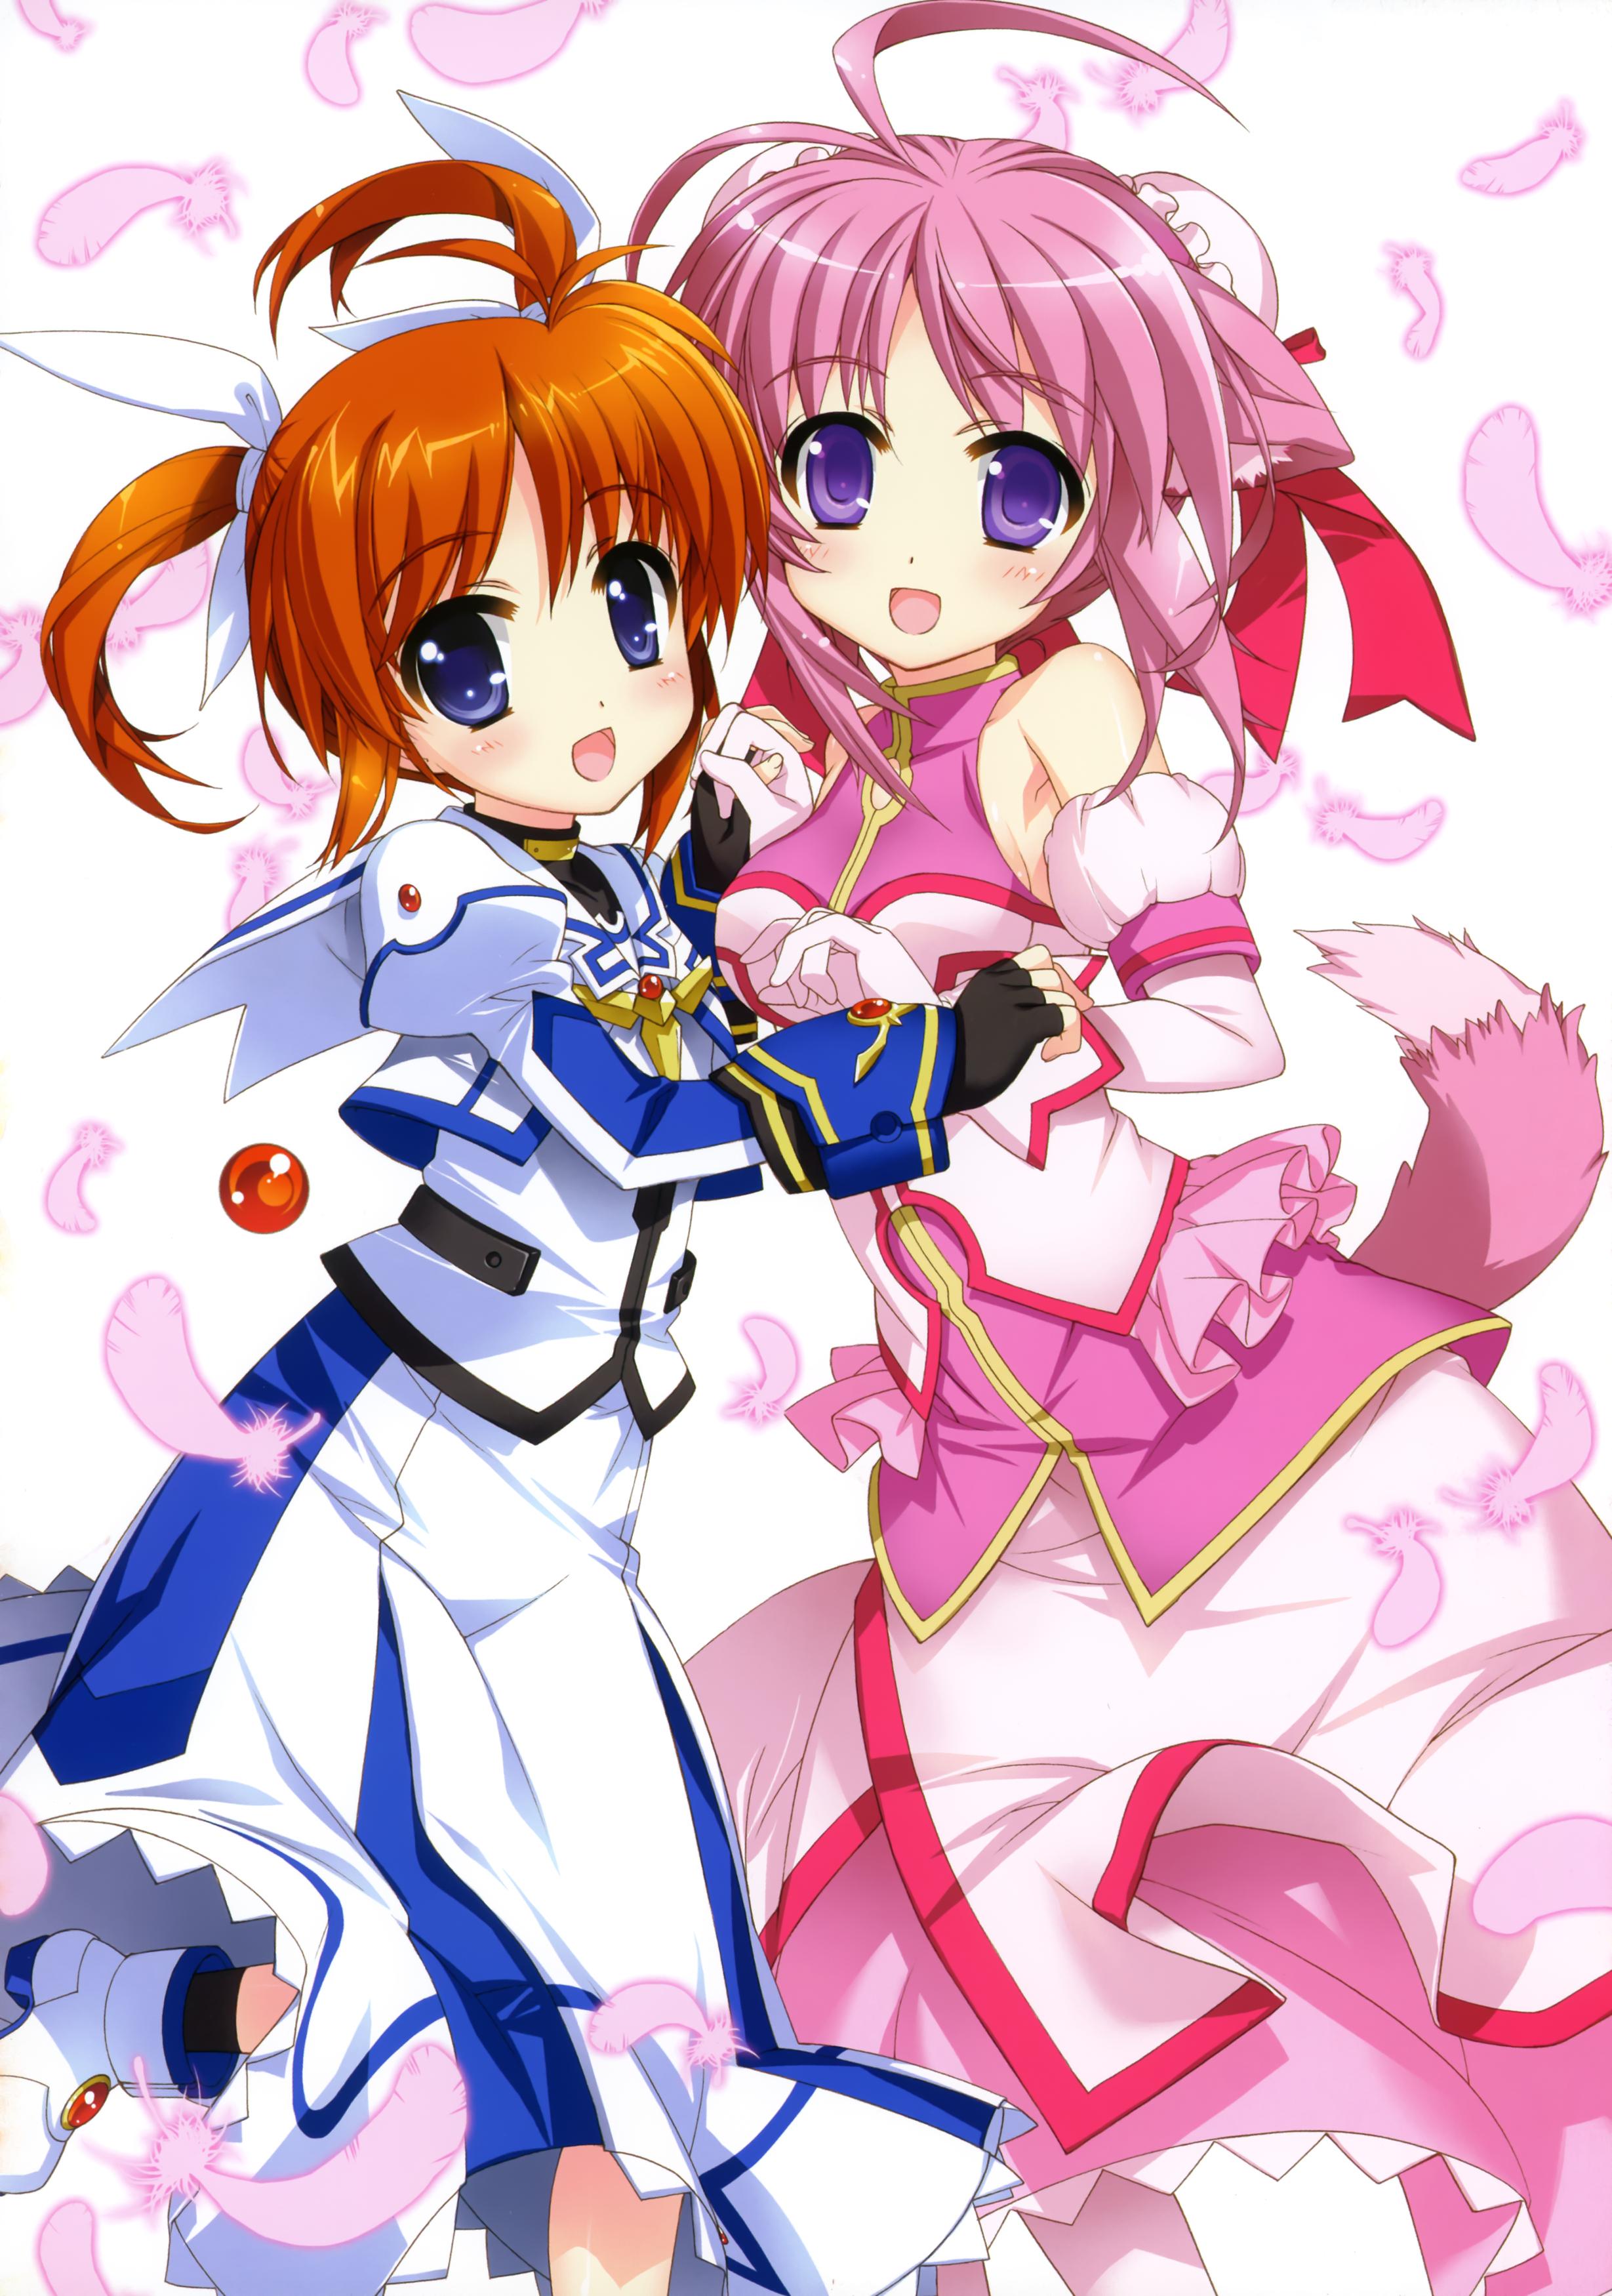 Cross Over Mobile Wallpaper 1353239 Zerochan Anime Image